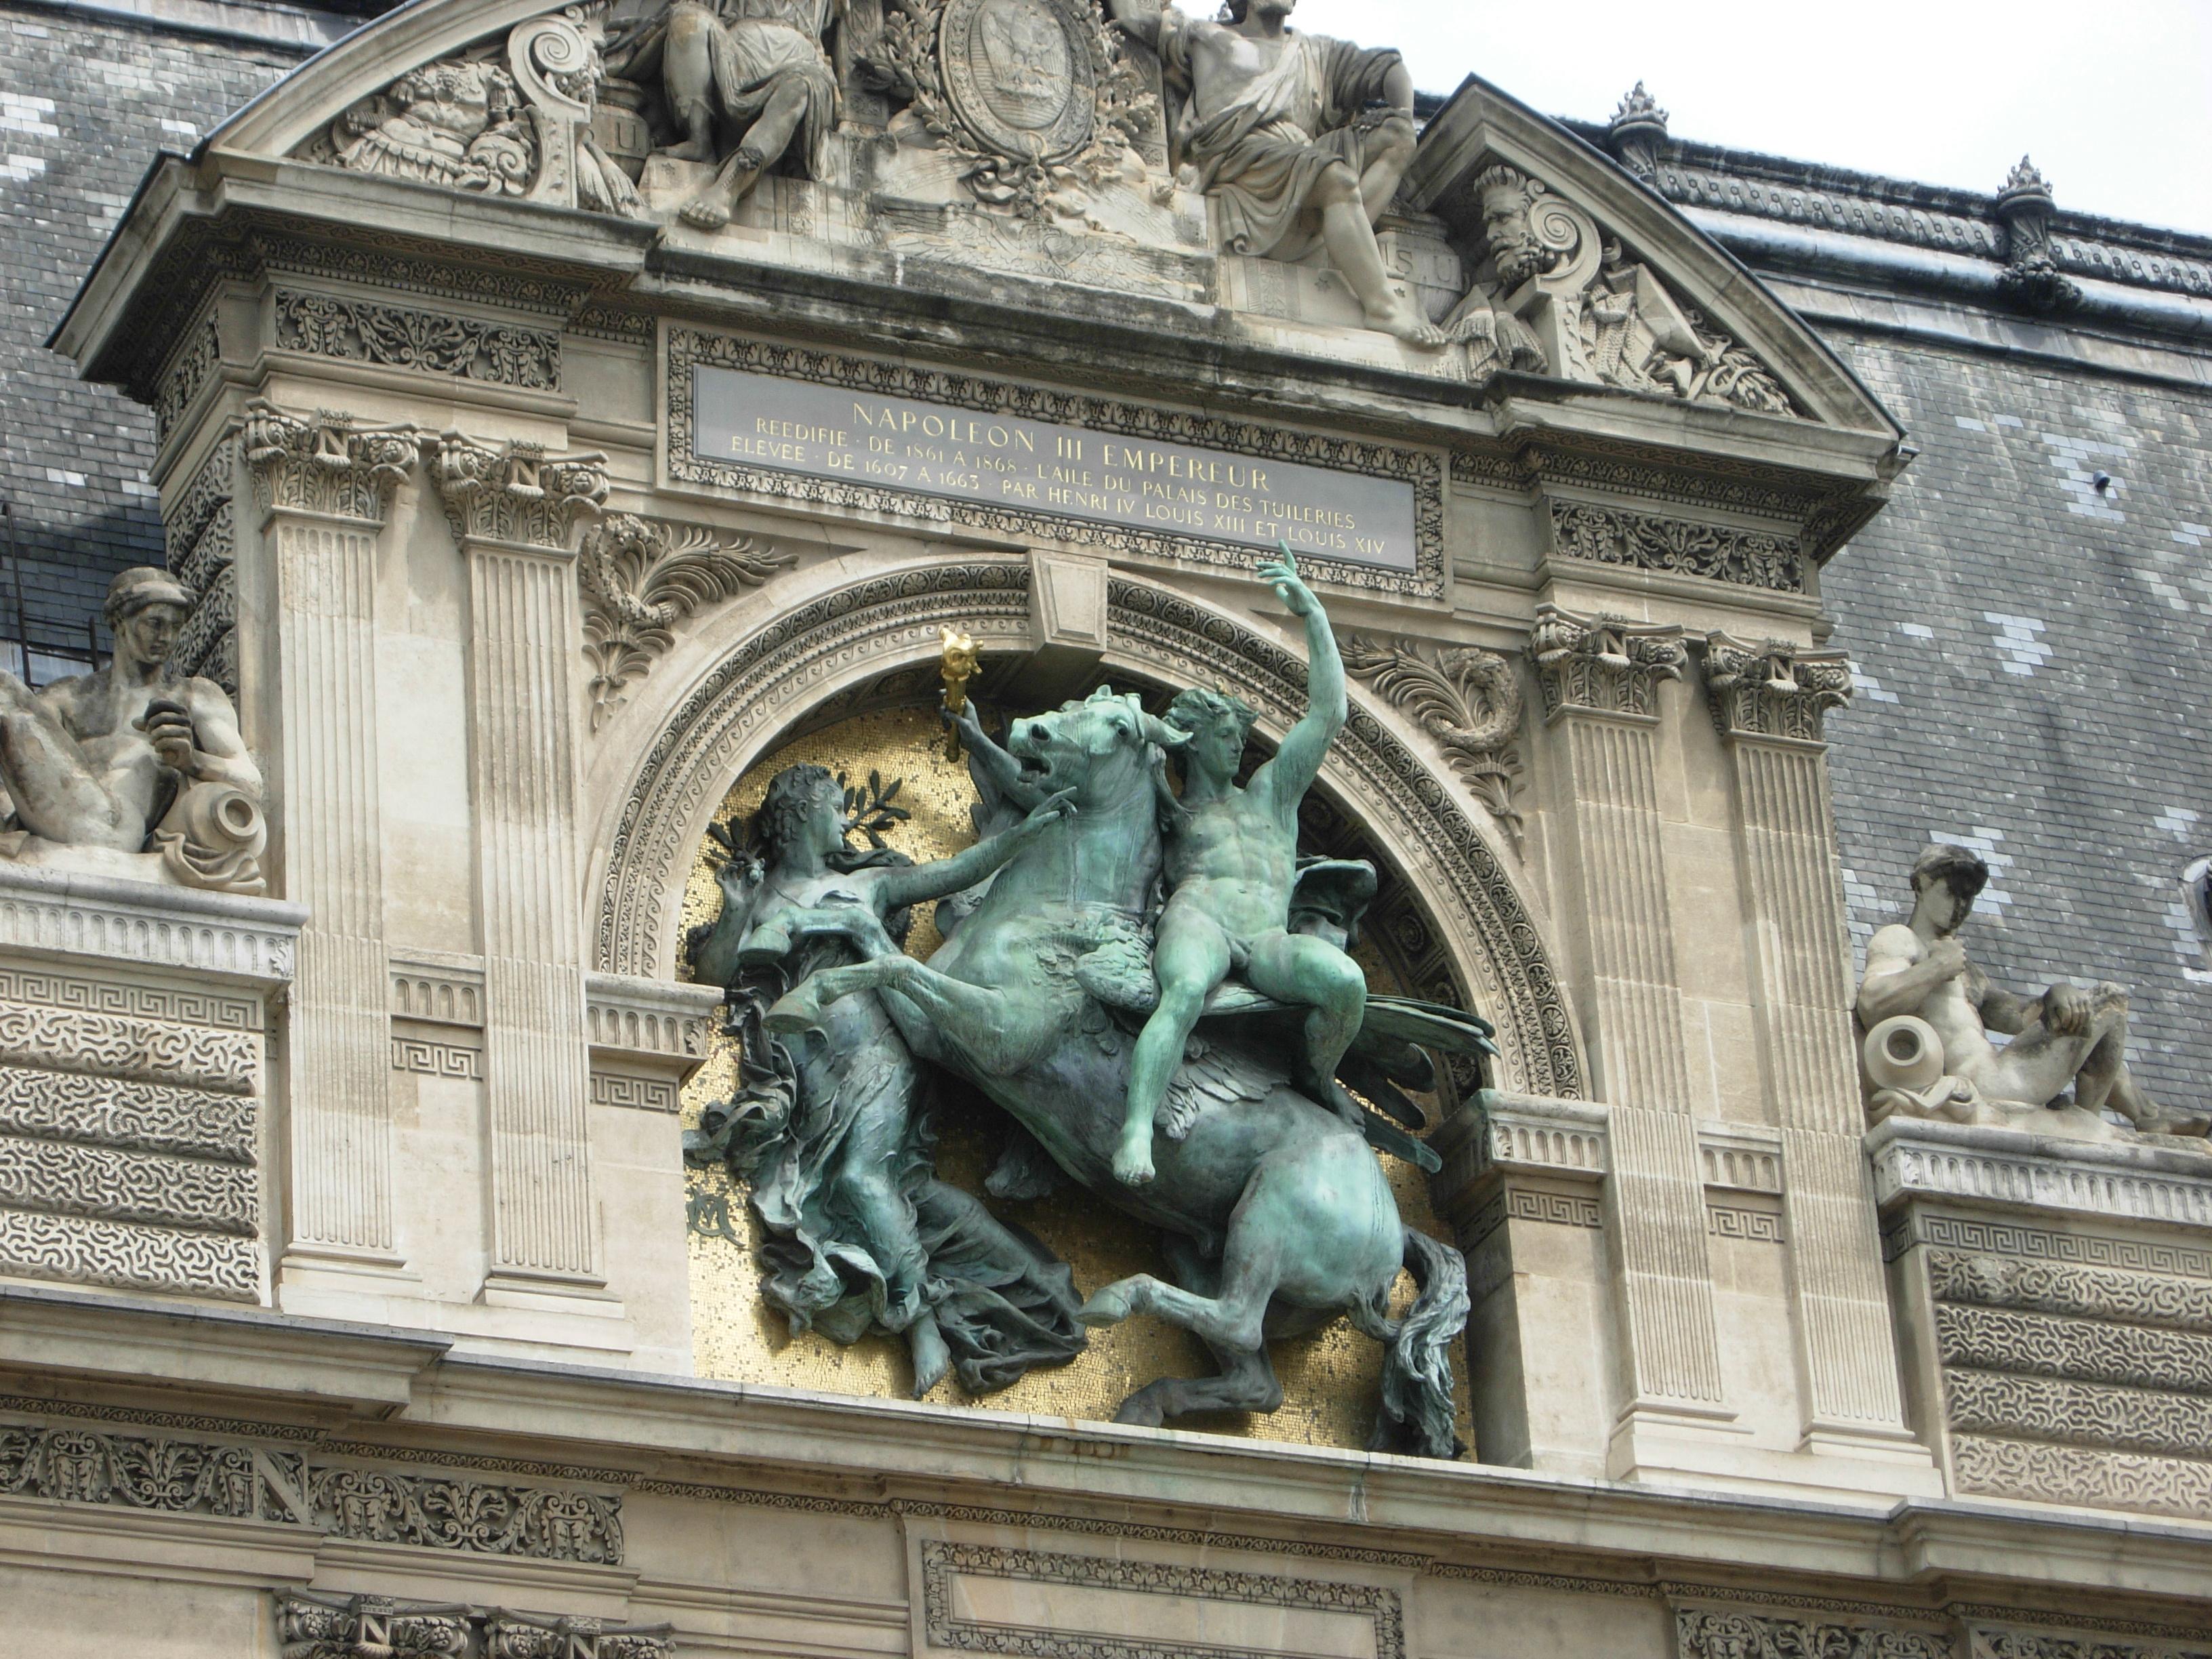 文化巴黎的魅力——街景_图1-3